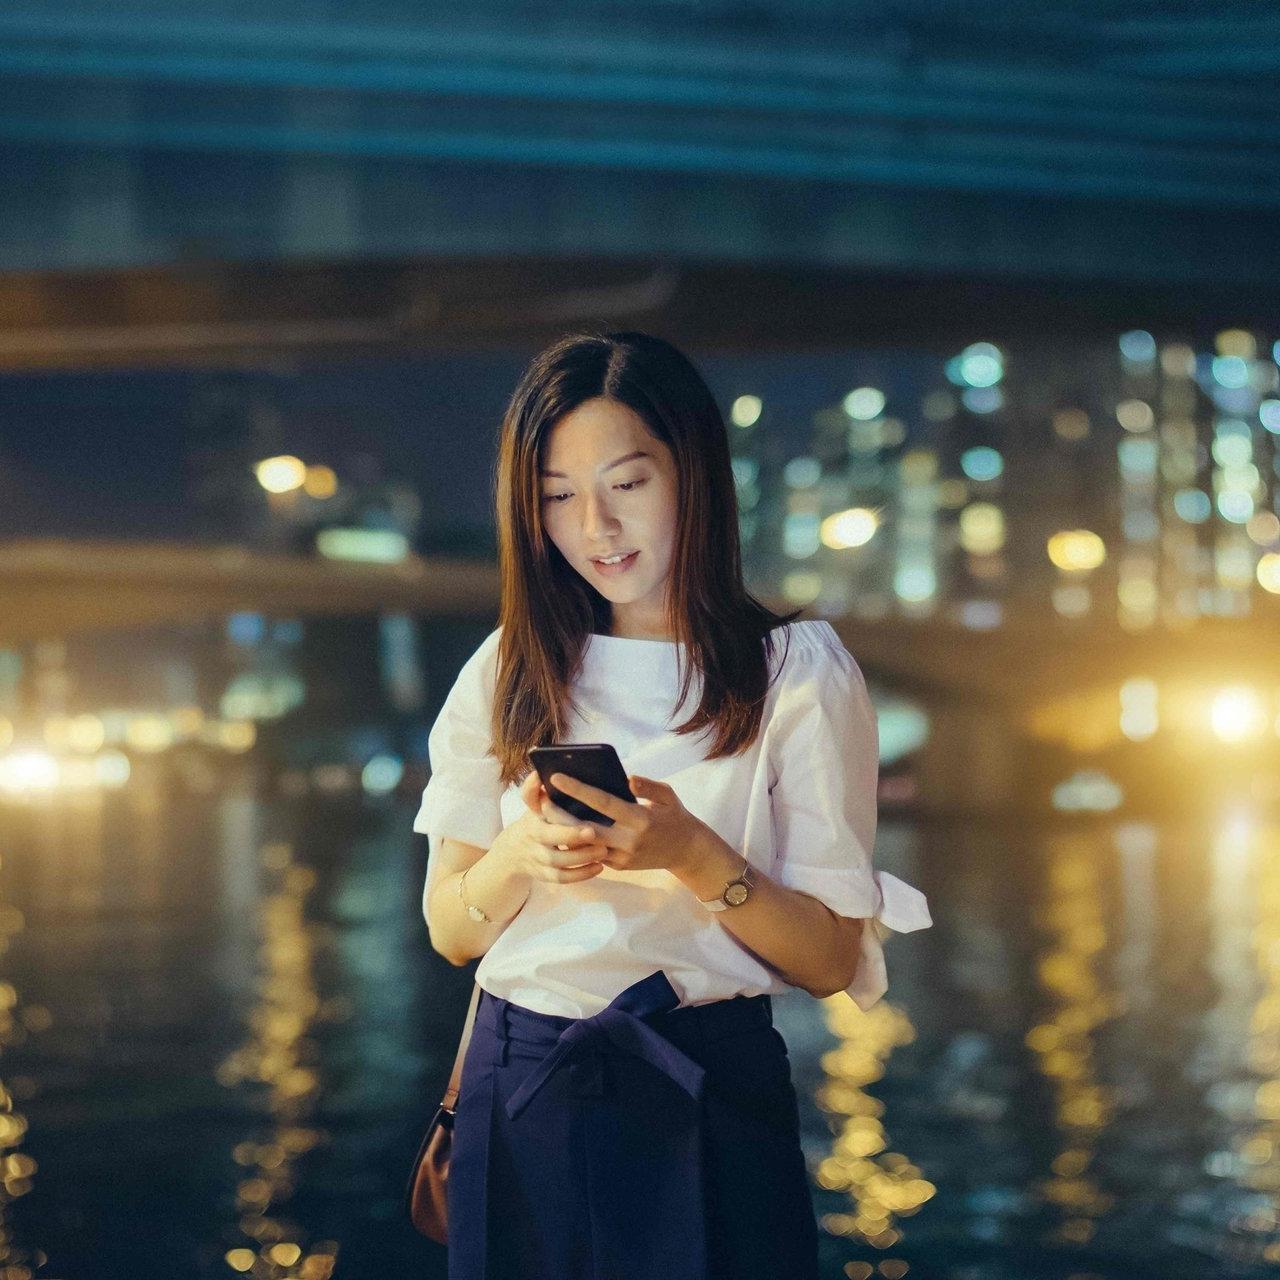 Reisen werden personalisiert - Reisen wird individueller und komfortabler.In der Zukunft werden Reisedaten ausgewertet und Reisebuchungen präzise an die eigenen Präferenzen angepasst.